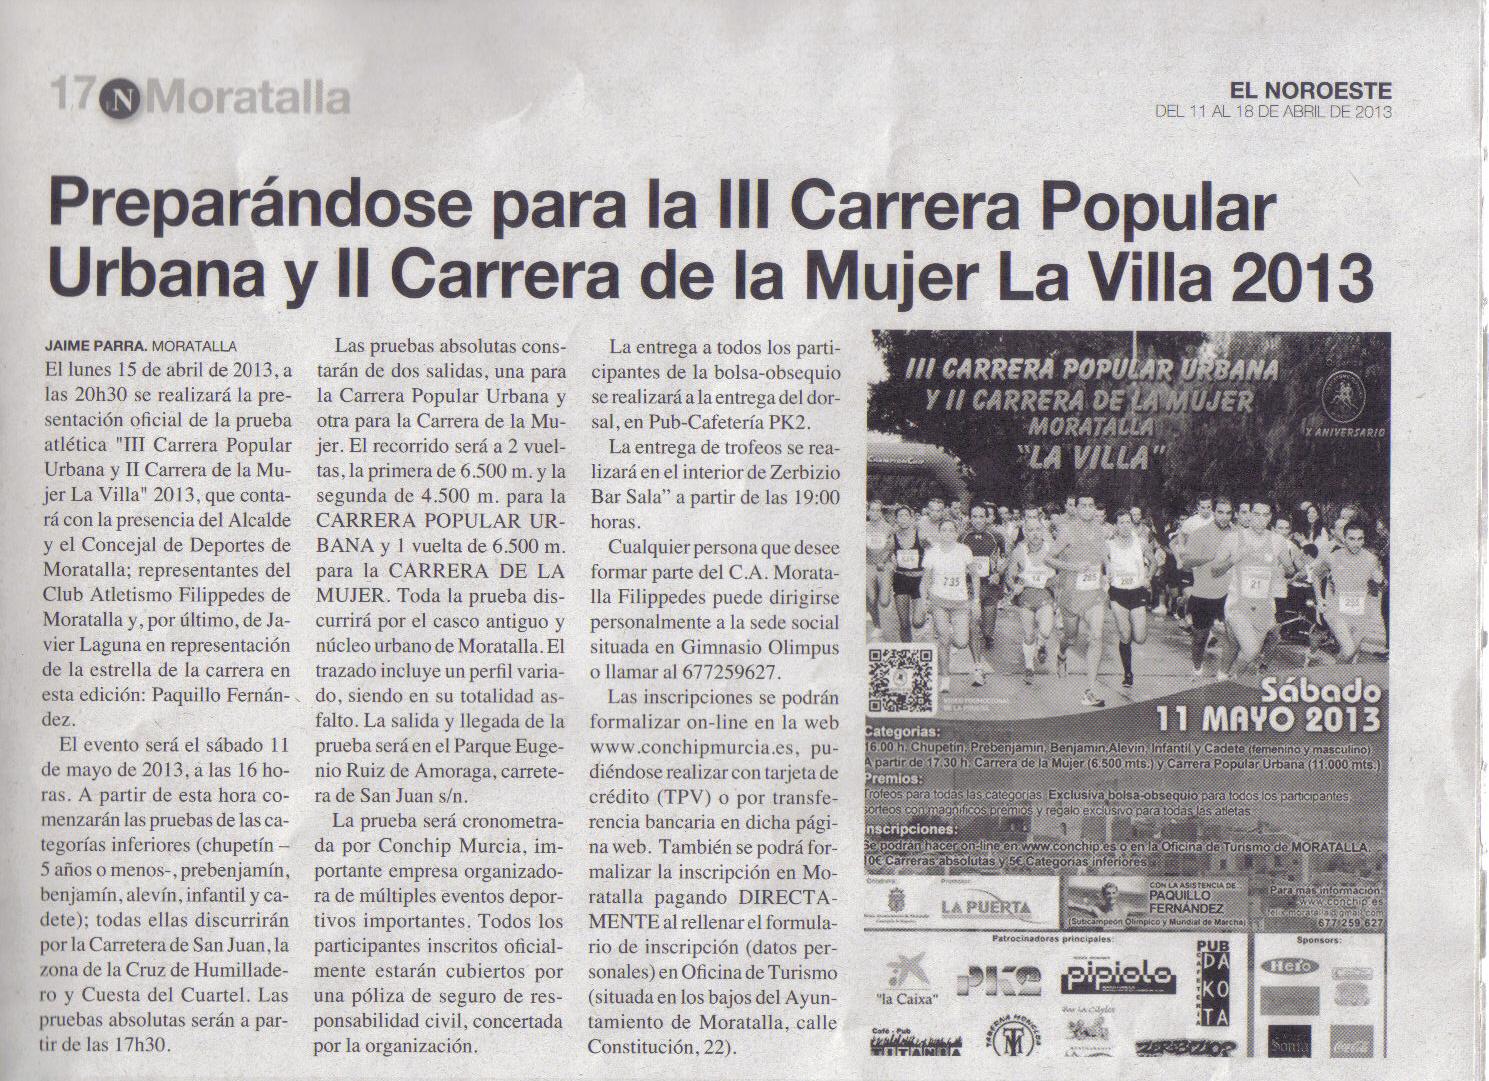 RECORTES DE PRENSA DE LA III CARRERA POPULAR URBANA Y II CARRERA DE LA MUJER